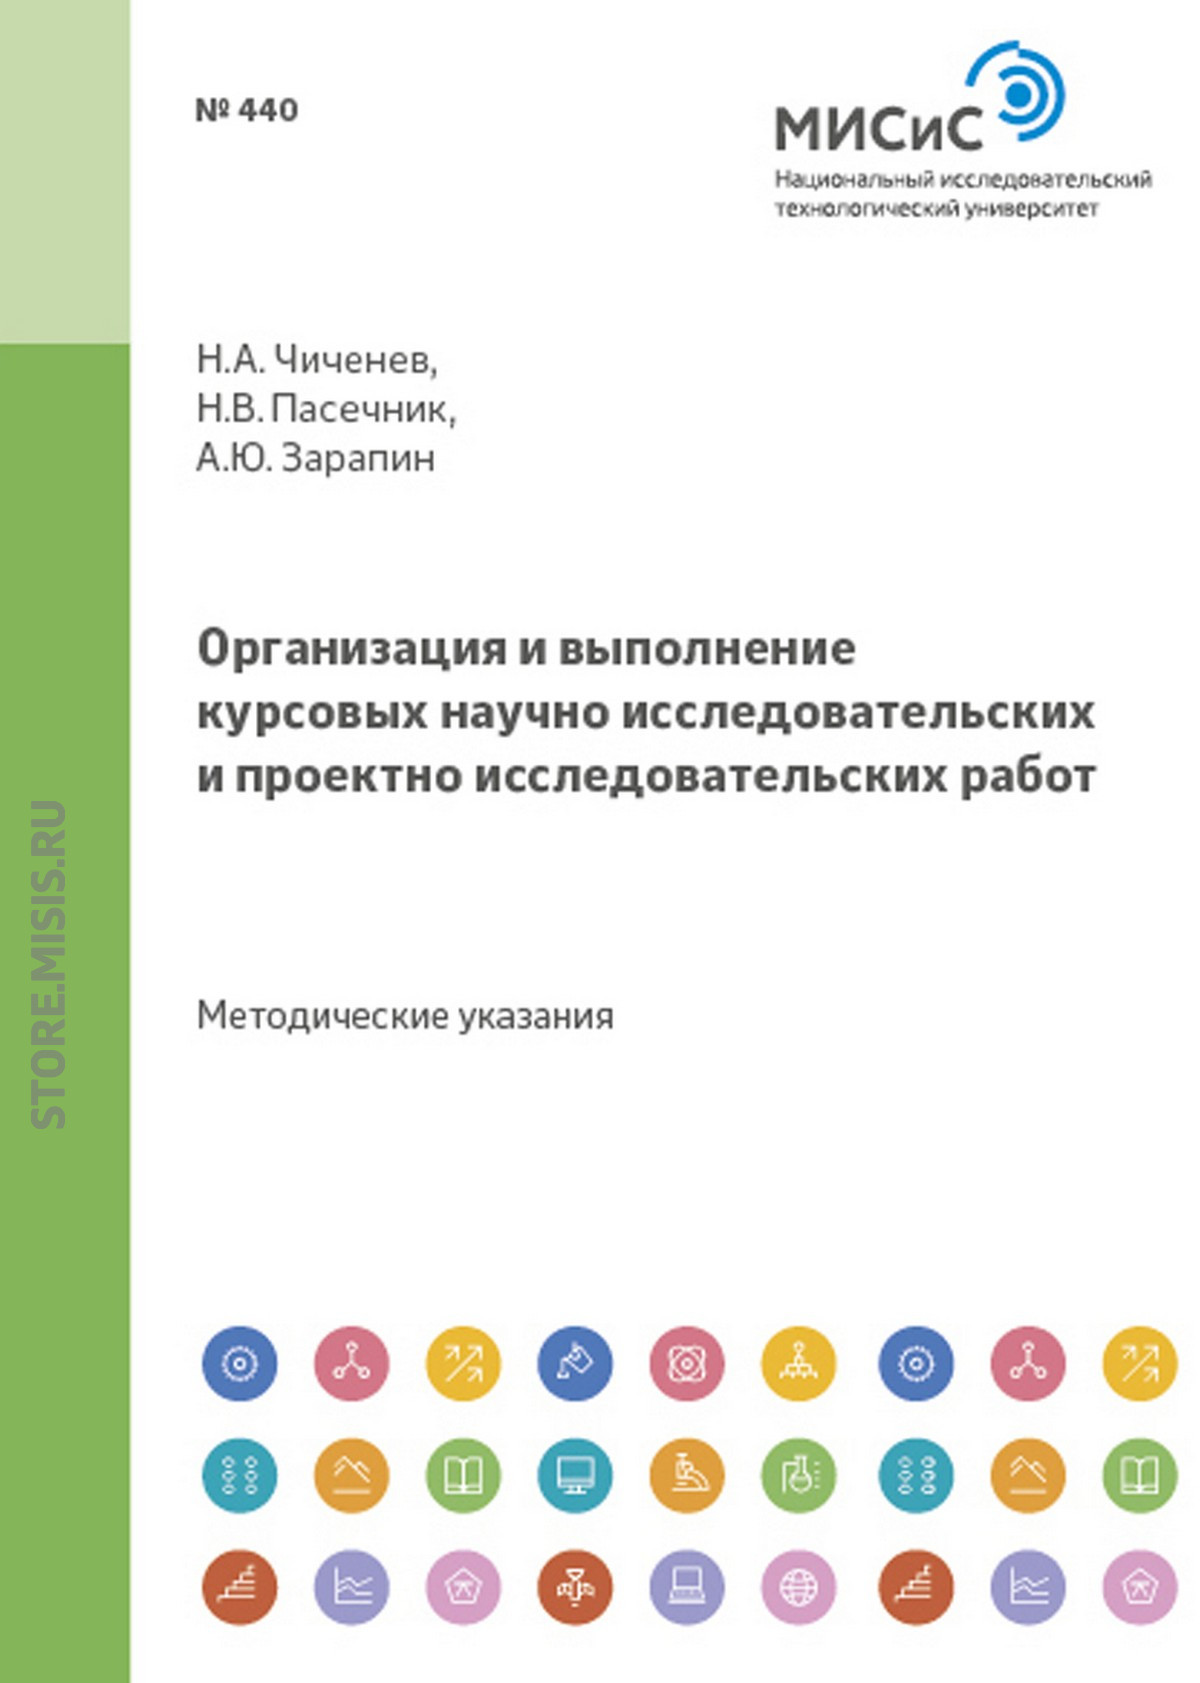 Александр Зарапин Организация и выполнение курсовых научно-исследовательских и проектно-исследовательских работ